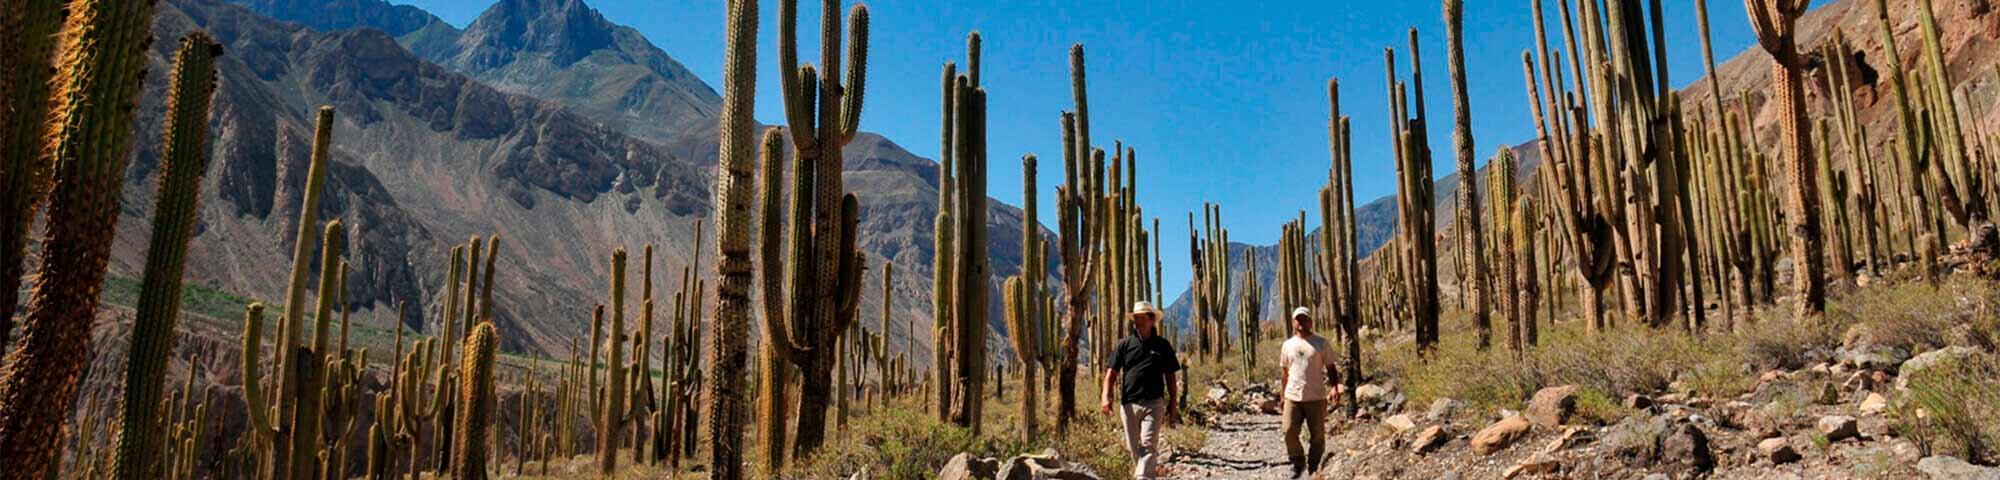 Bosque de Cactus de Judío Pampa (Quechualla)